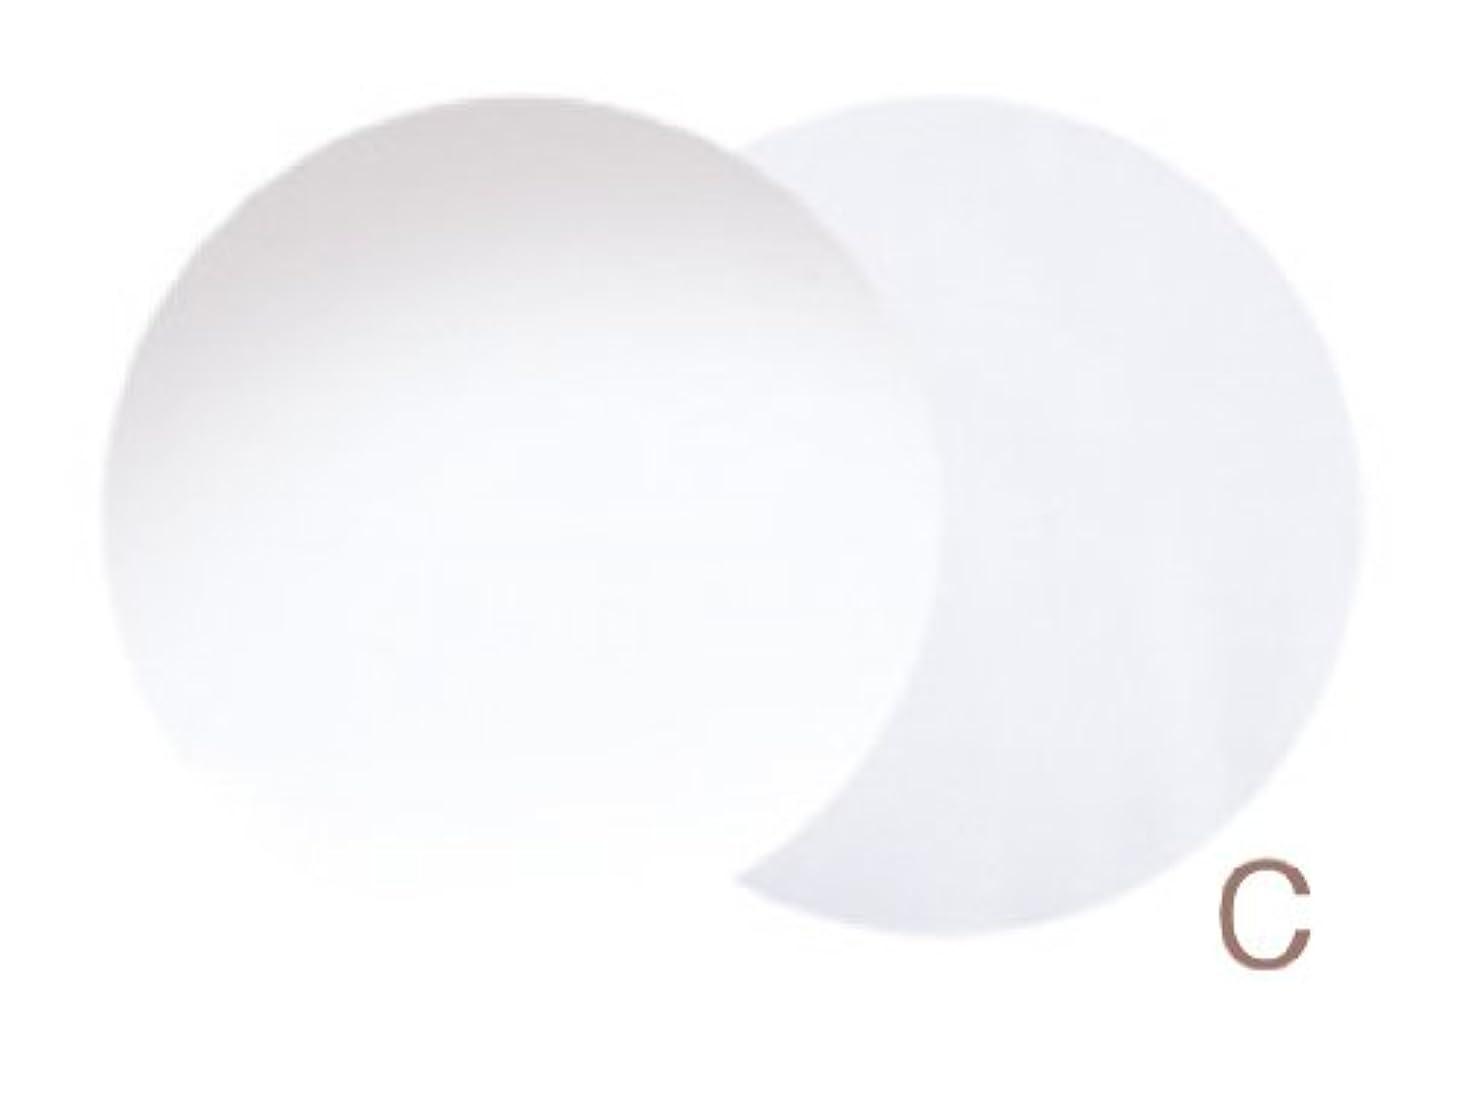 自動的に記述する閉じるアクセンツ UL 601 ホワイト 4g